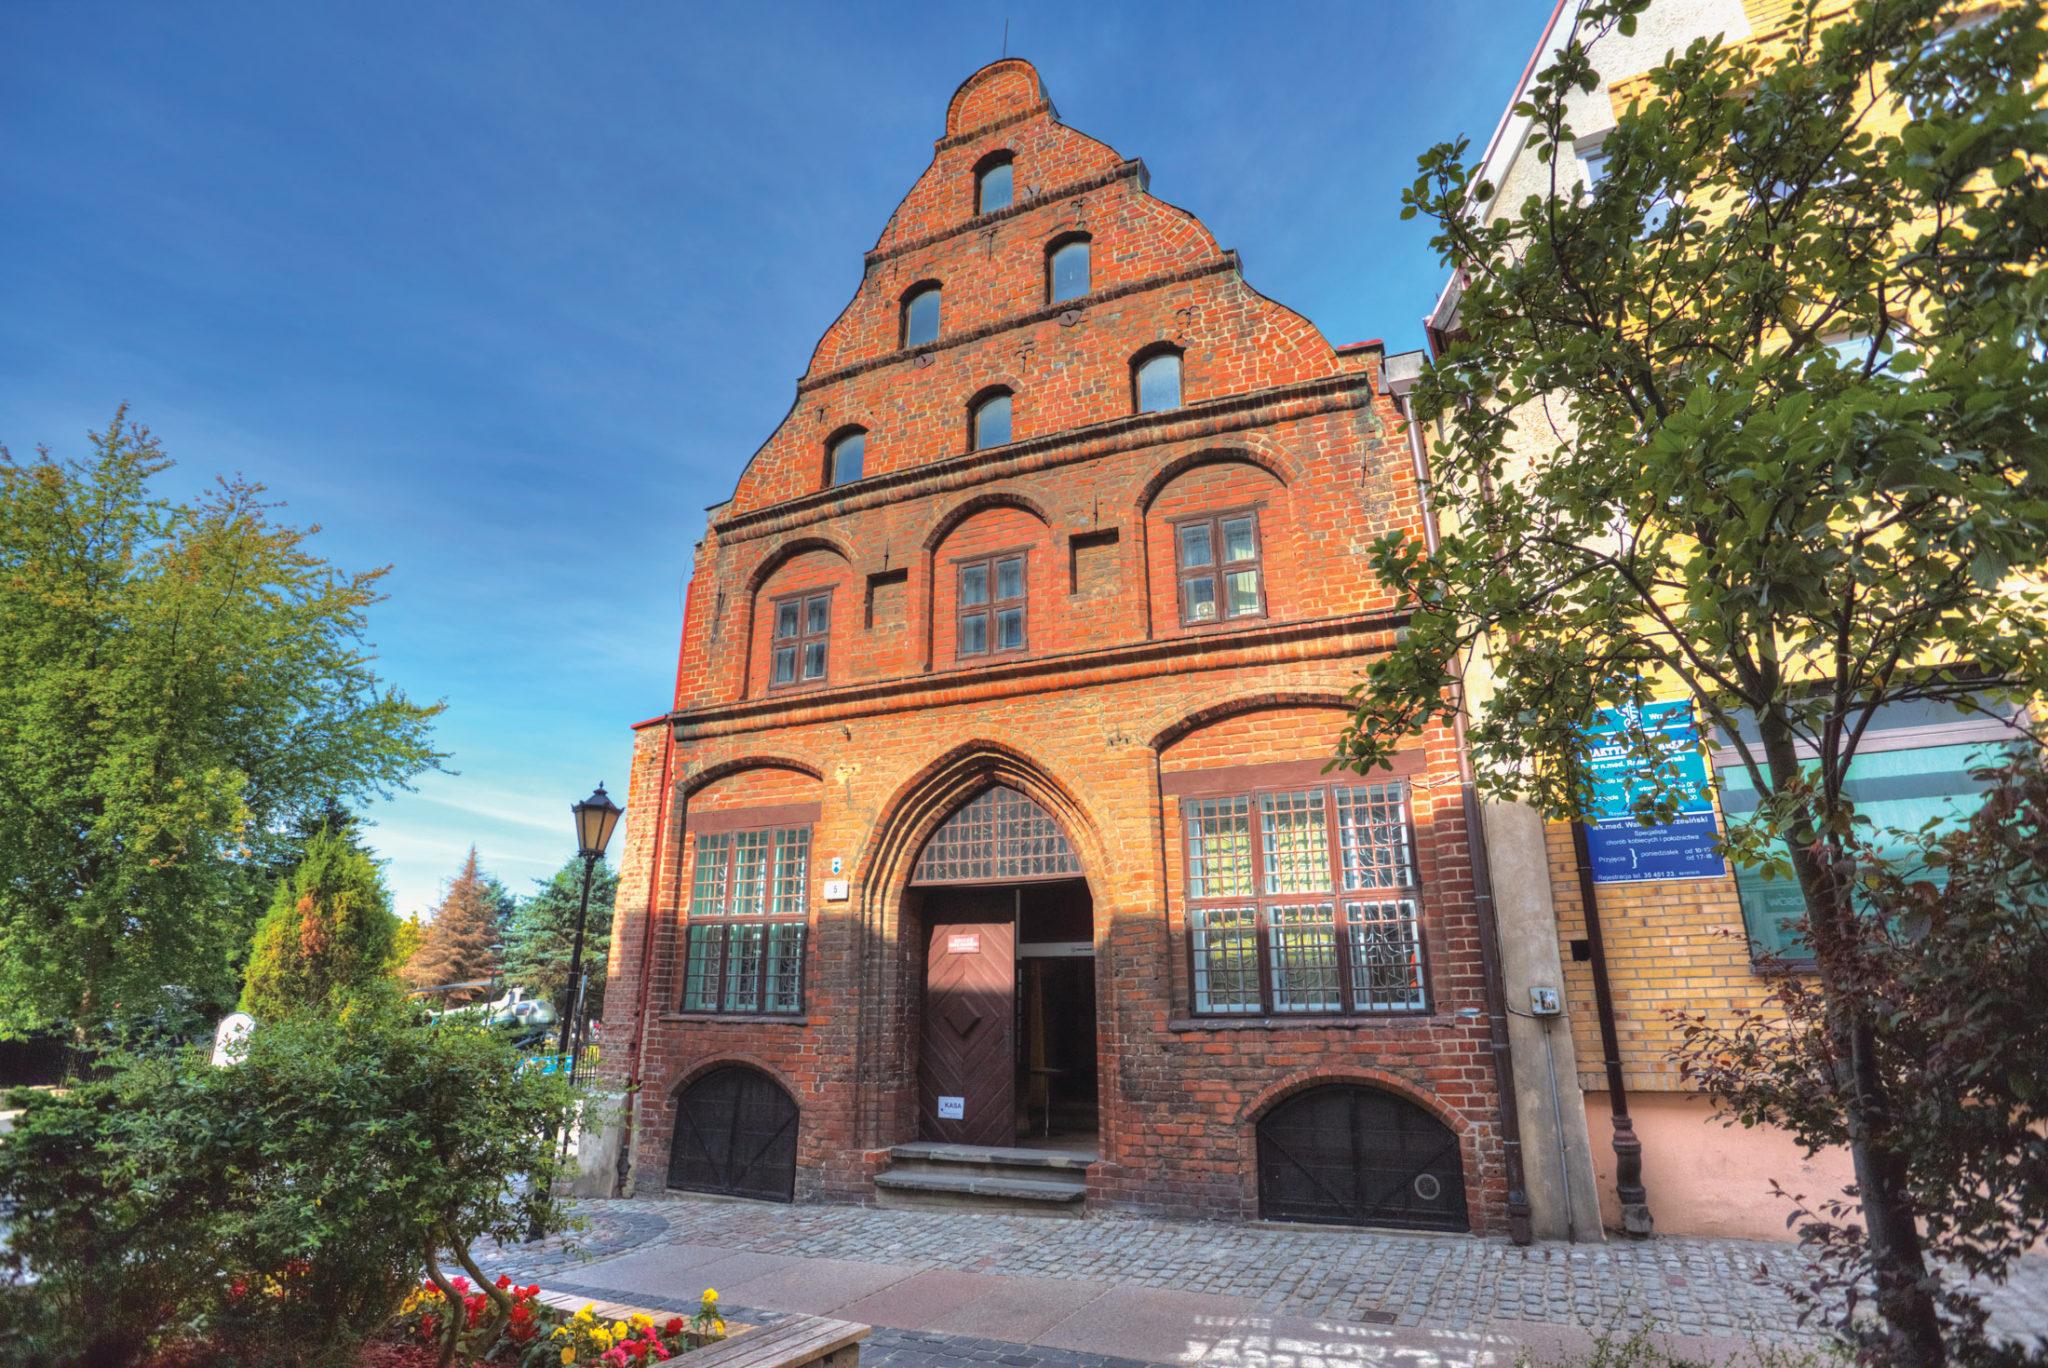 Częścią oddziału muzeum przy ul. Emilii Gierczak w Kołobrzegu jest XV-wieczna Kamienica Kupiecka (Fot. A. Rutkowski/Archiwum MOP w Kołobrzegu).